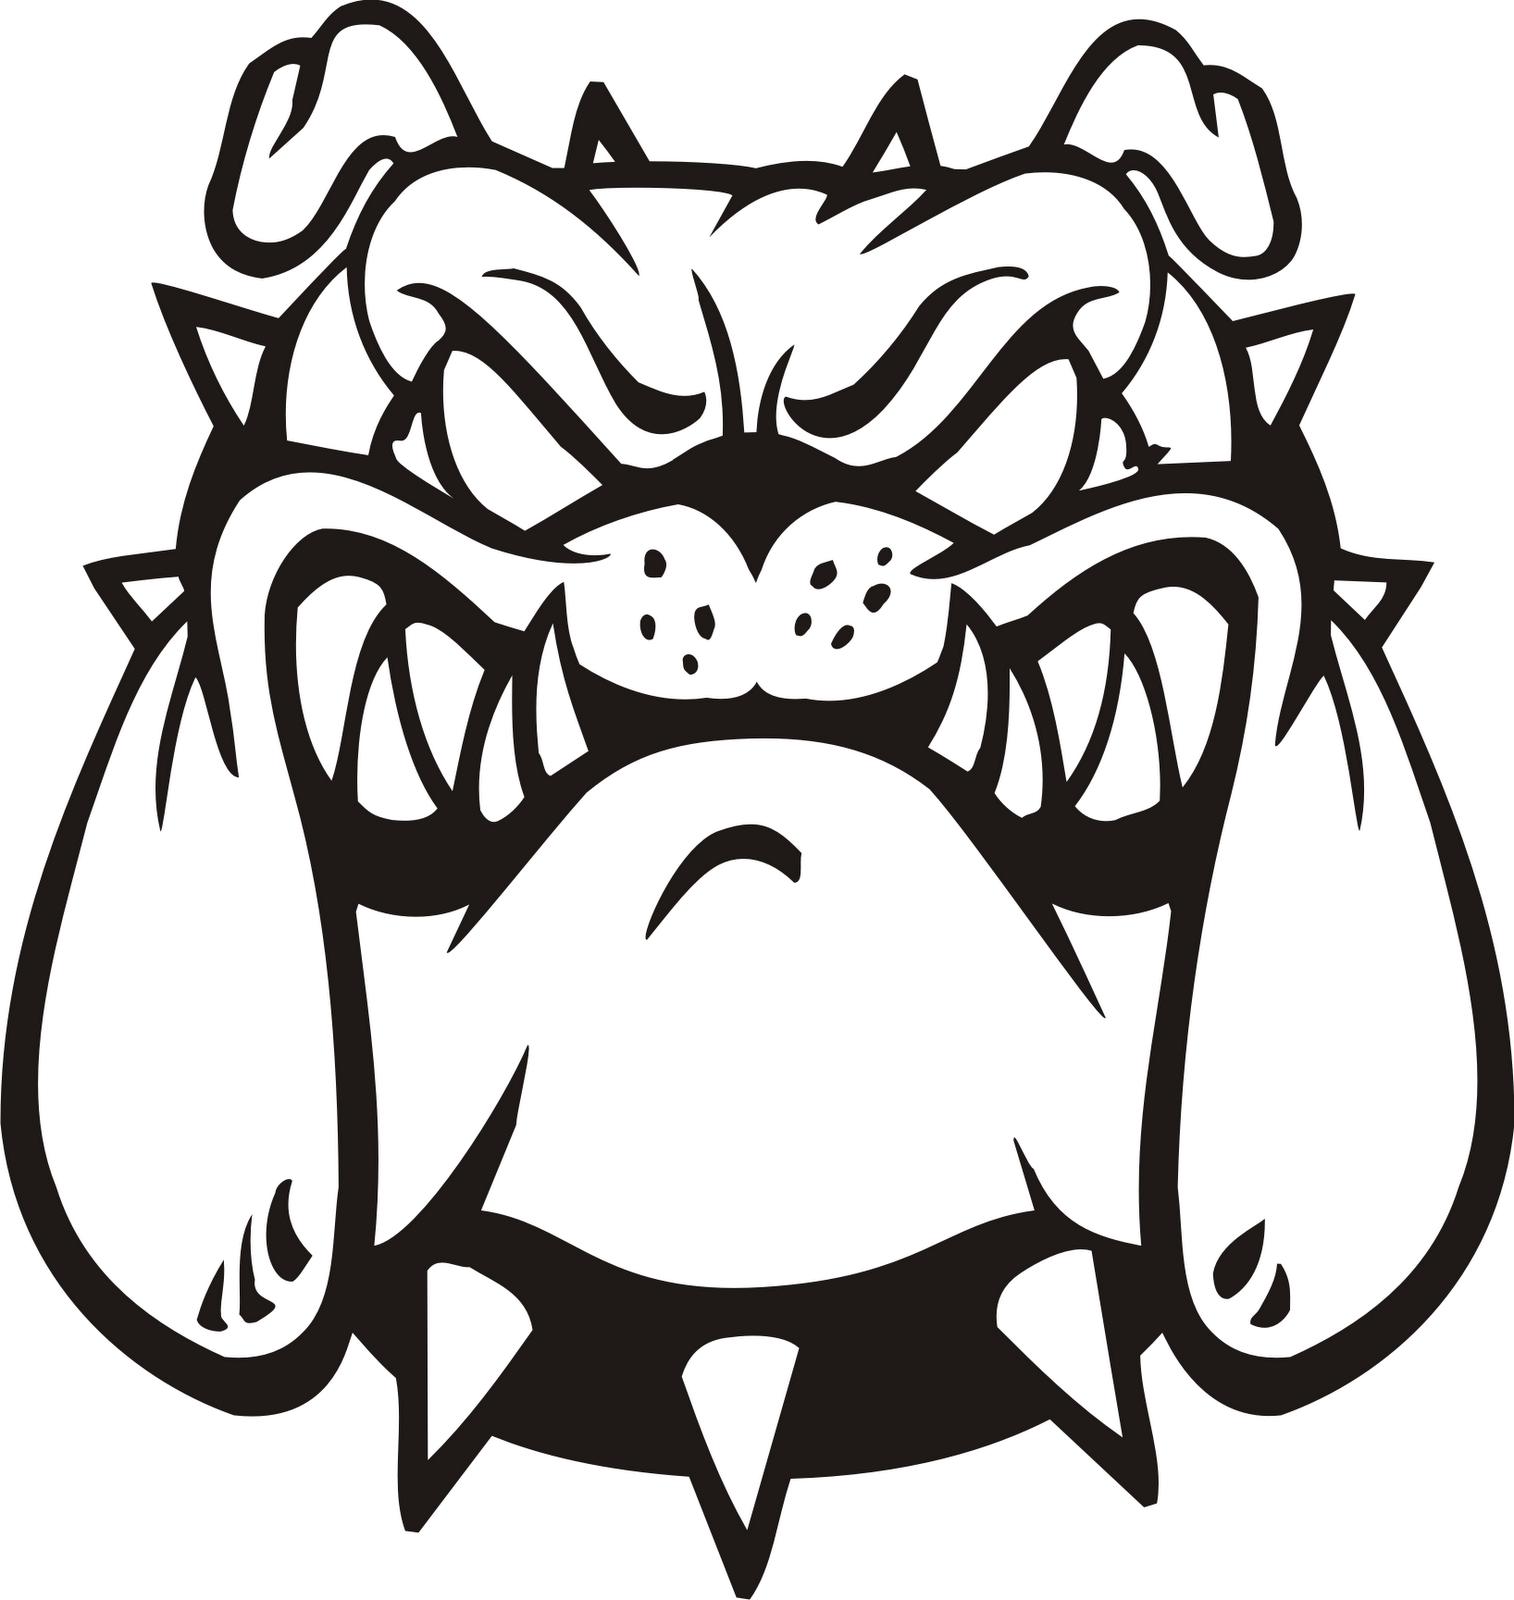 15 Free Vector Mascot Clip Art Images